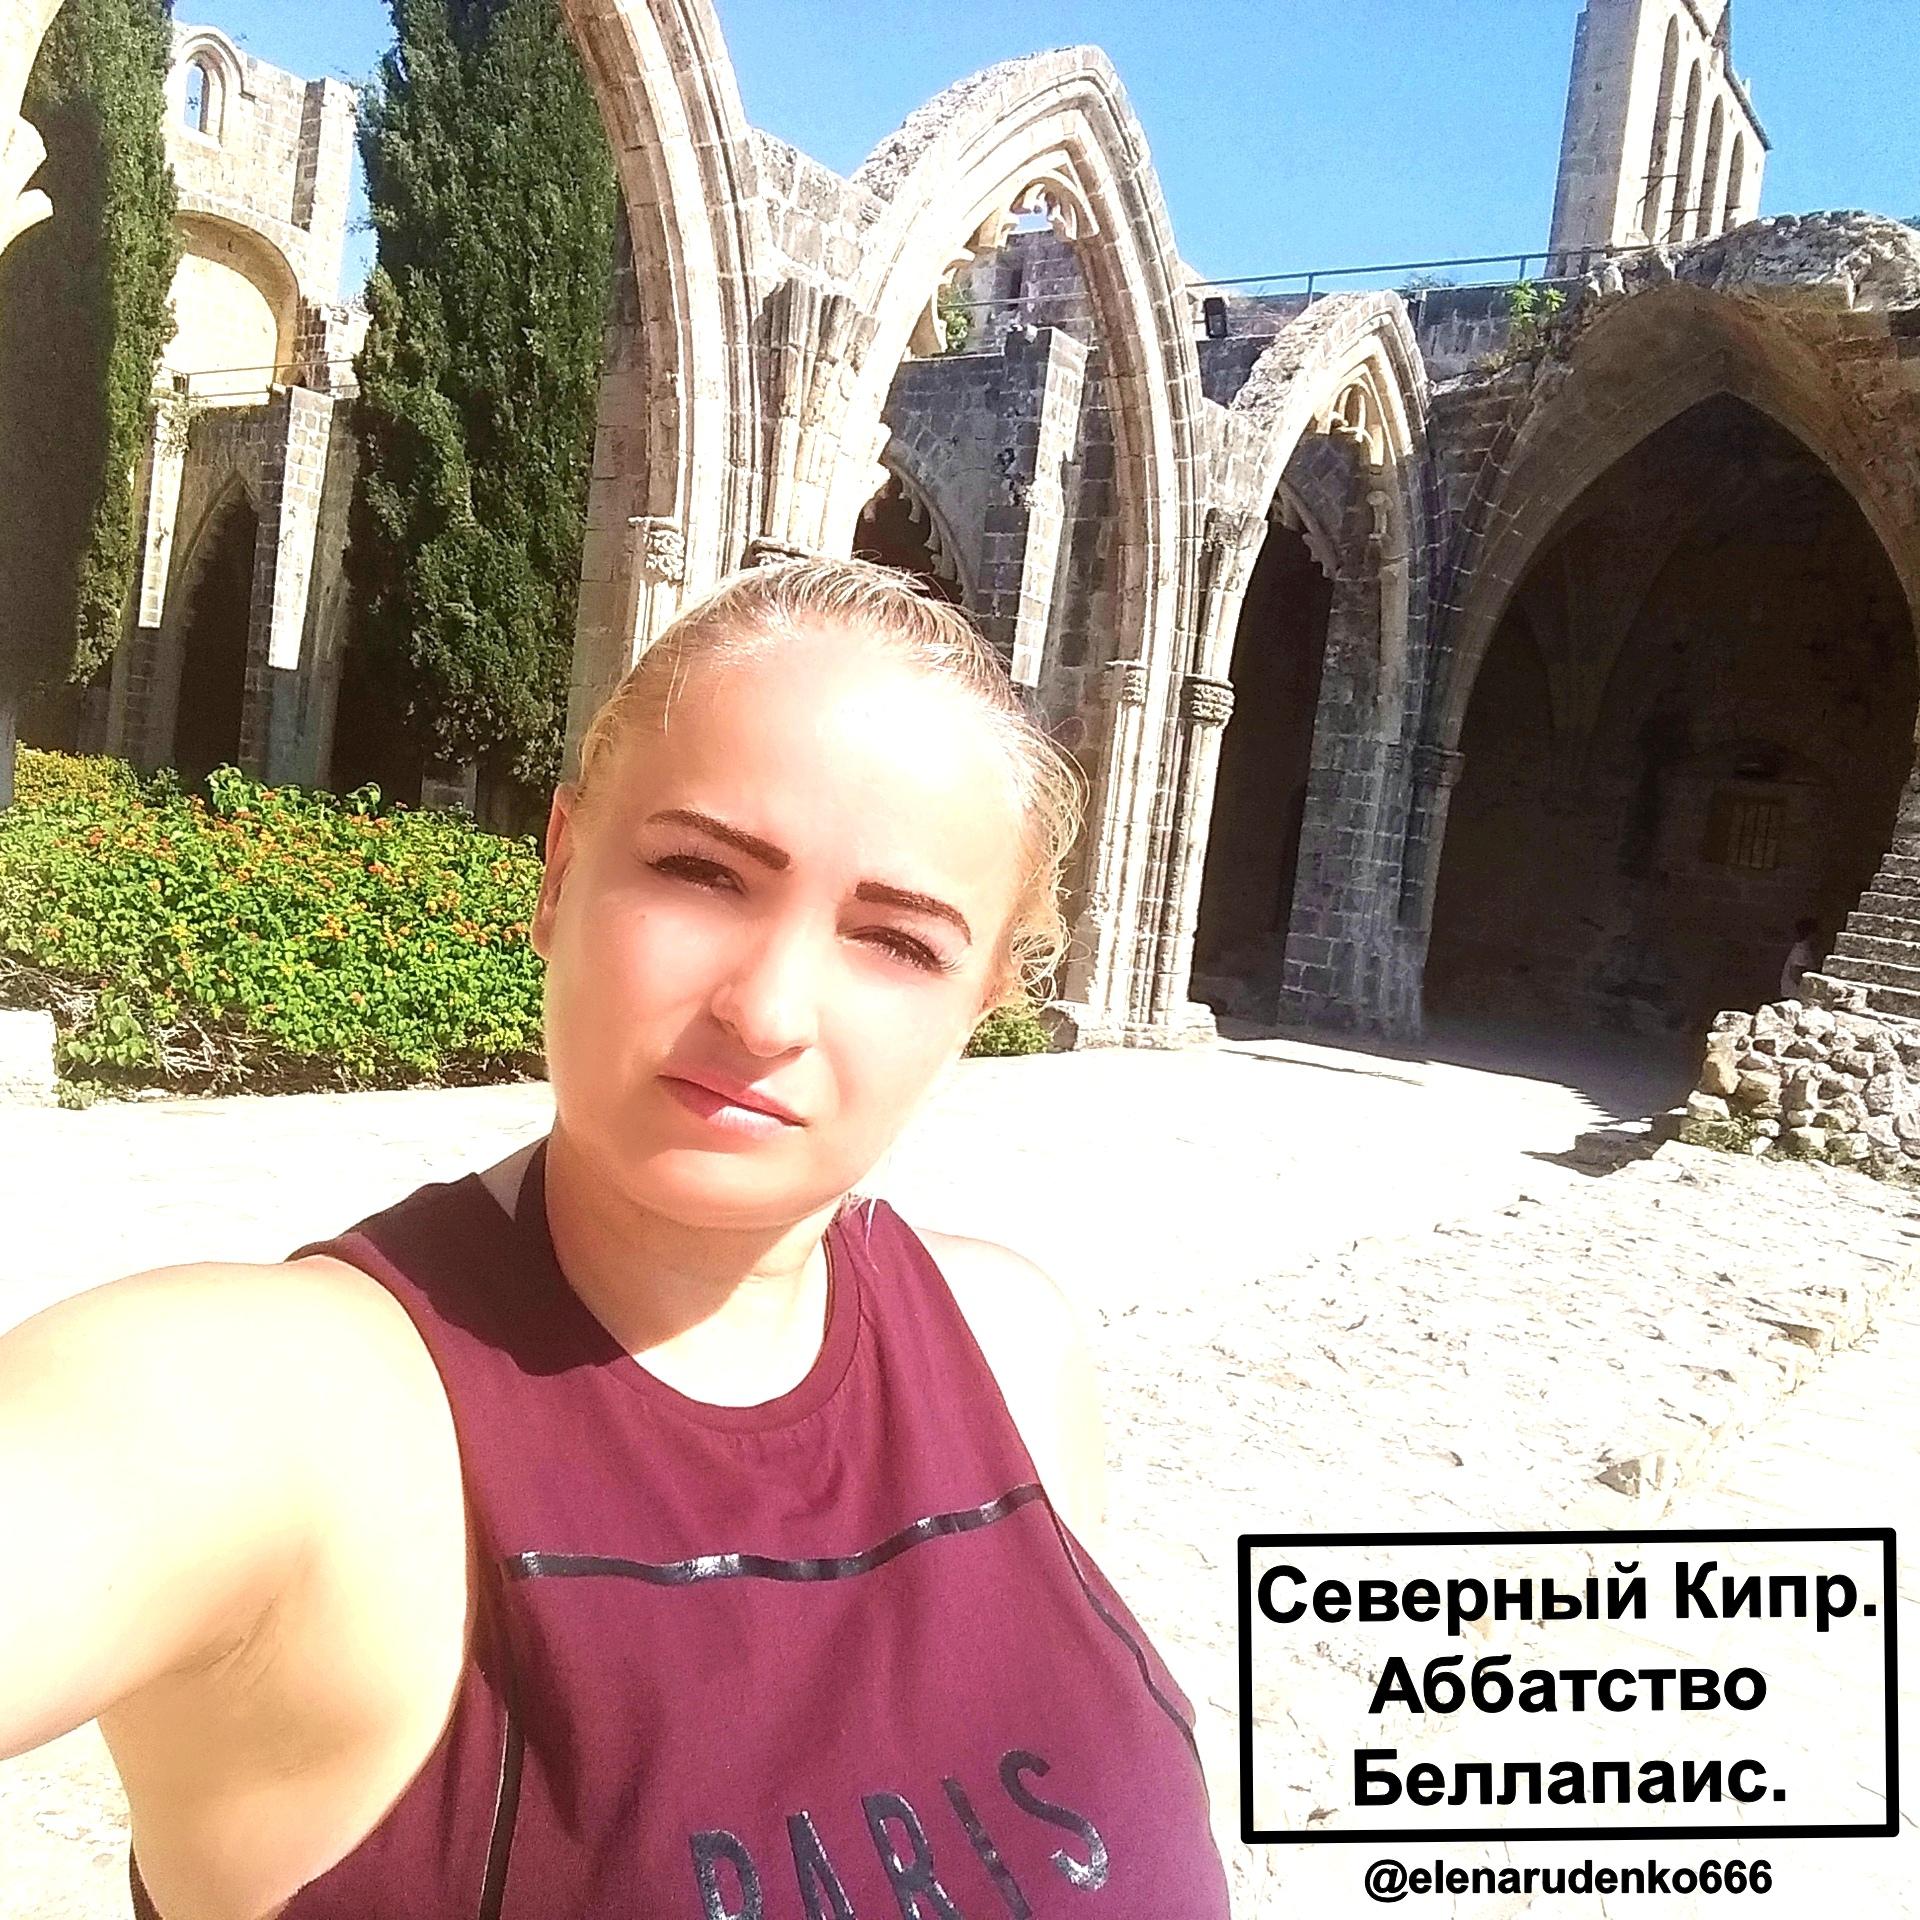 путешествие - Интересные места в которых я побывала (Елена Руденко). Ef7BCG9xObA